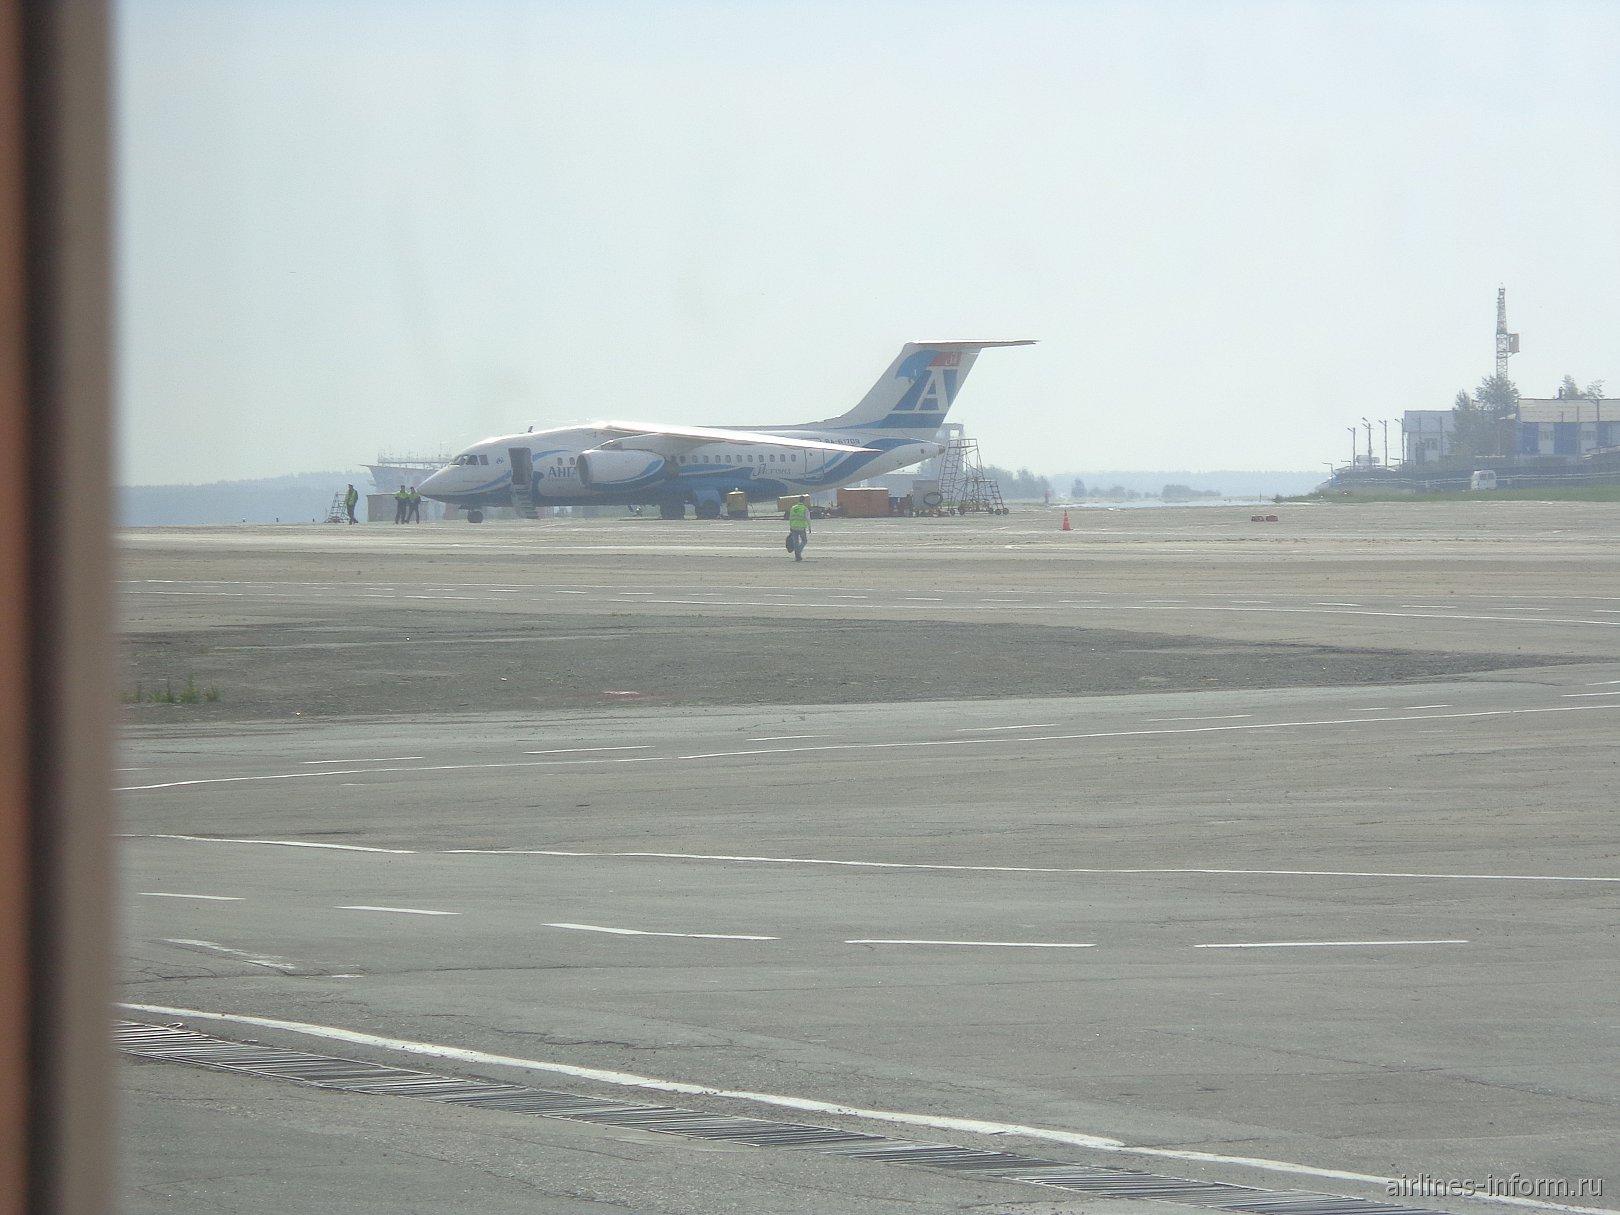 АН-148 Ангара